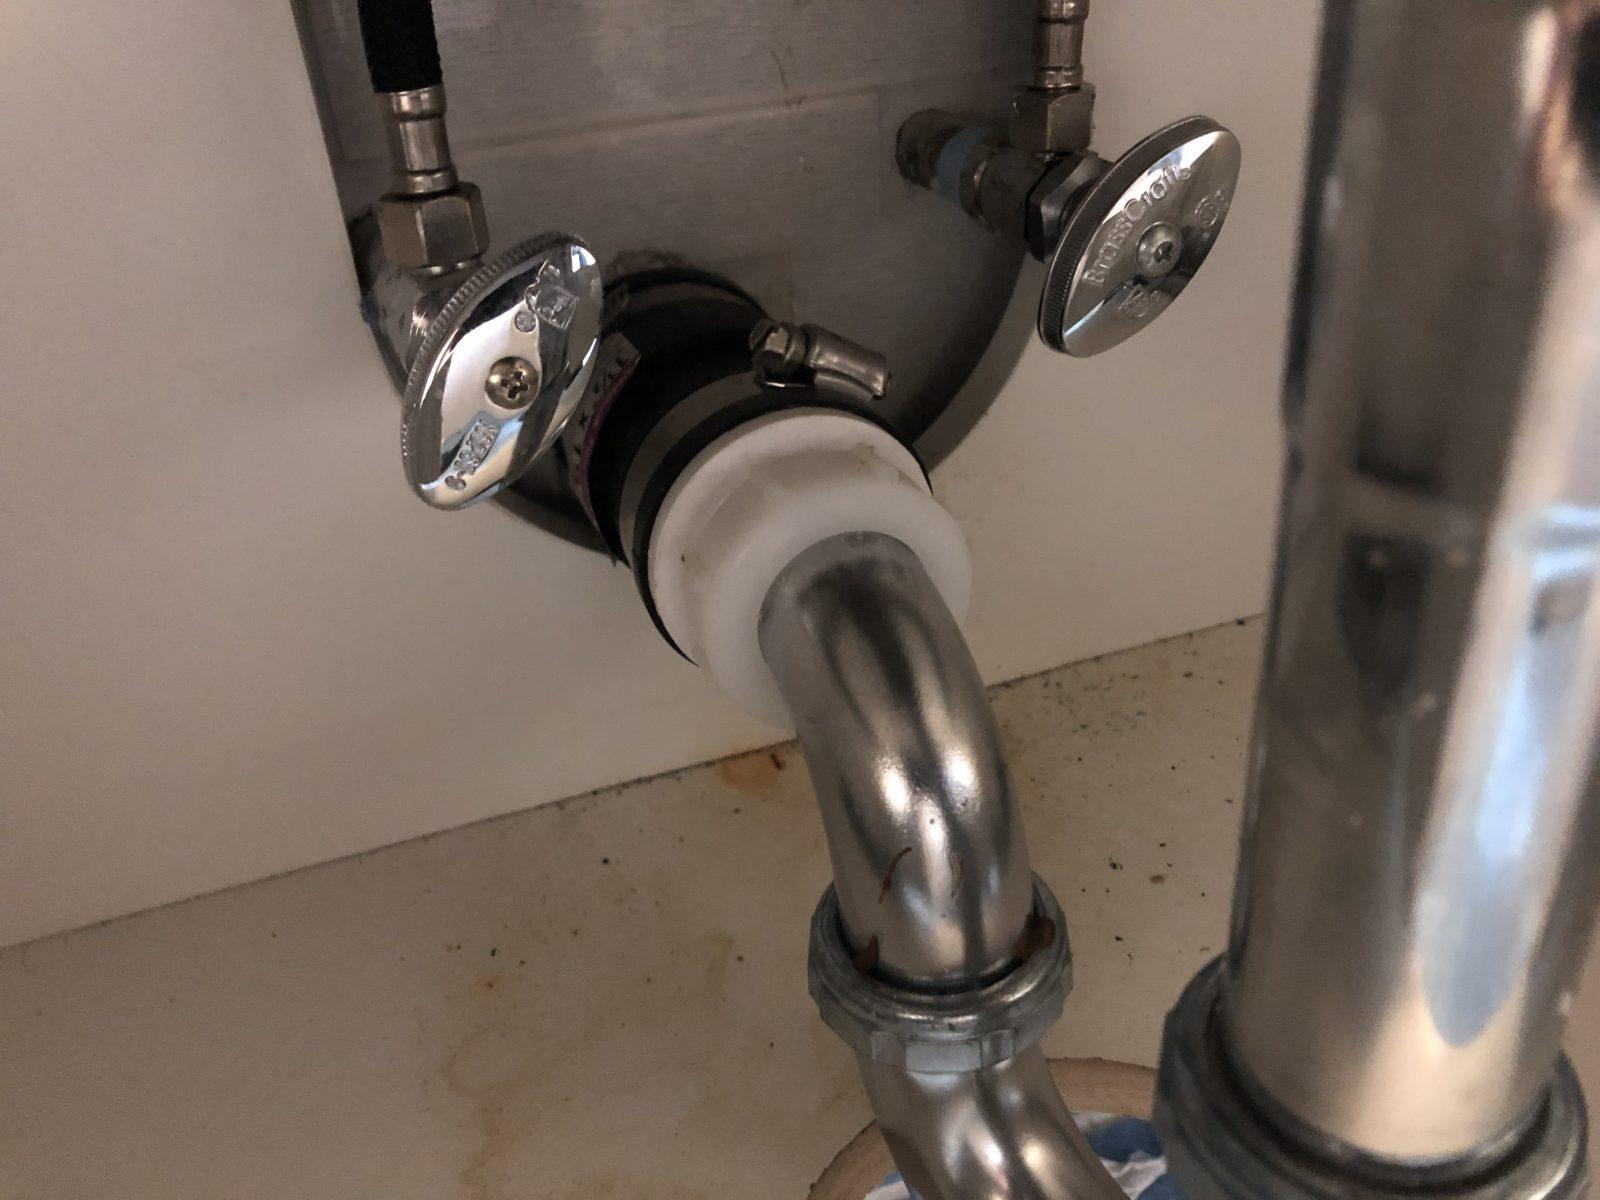 common-plumbing-problems